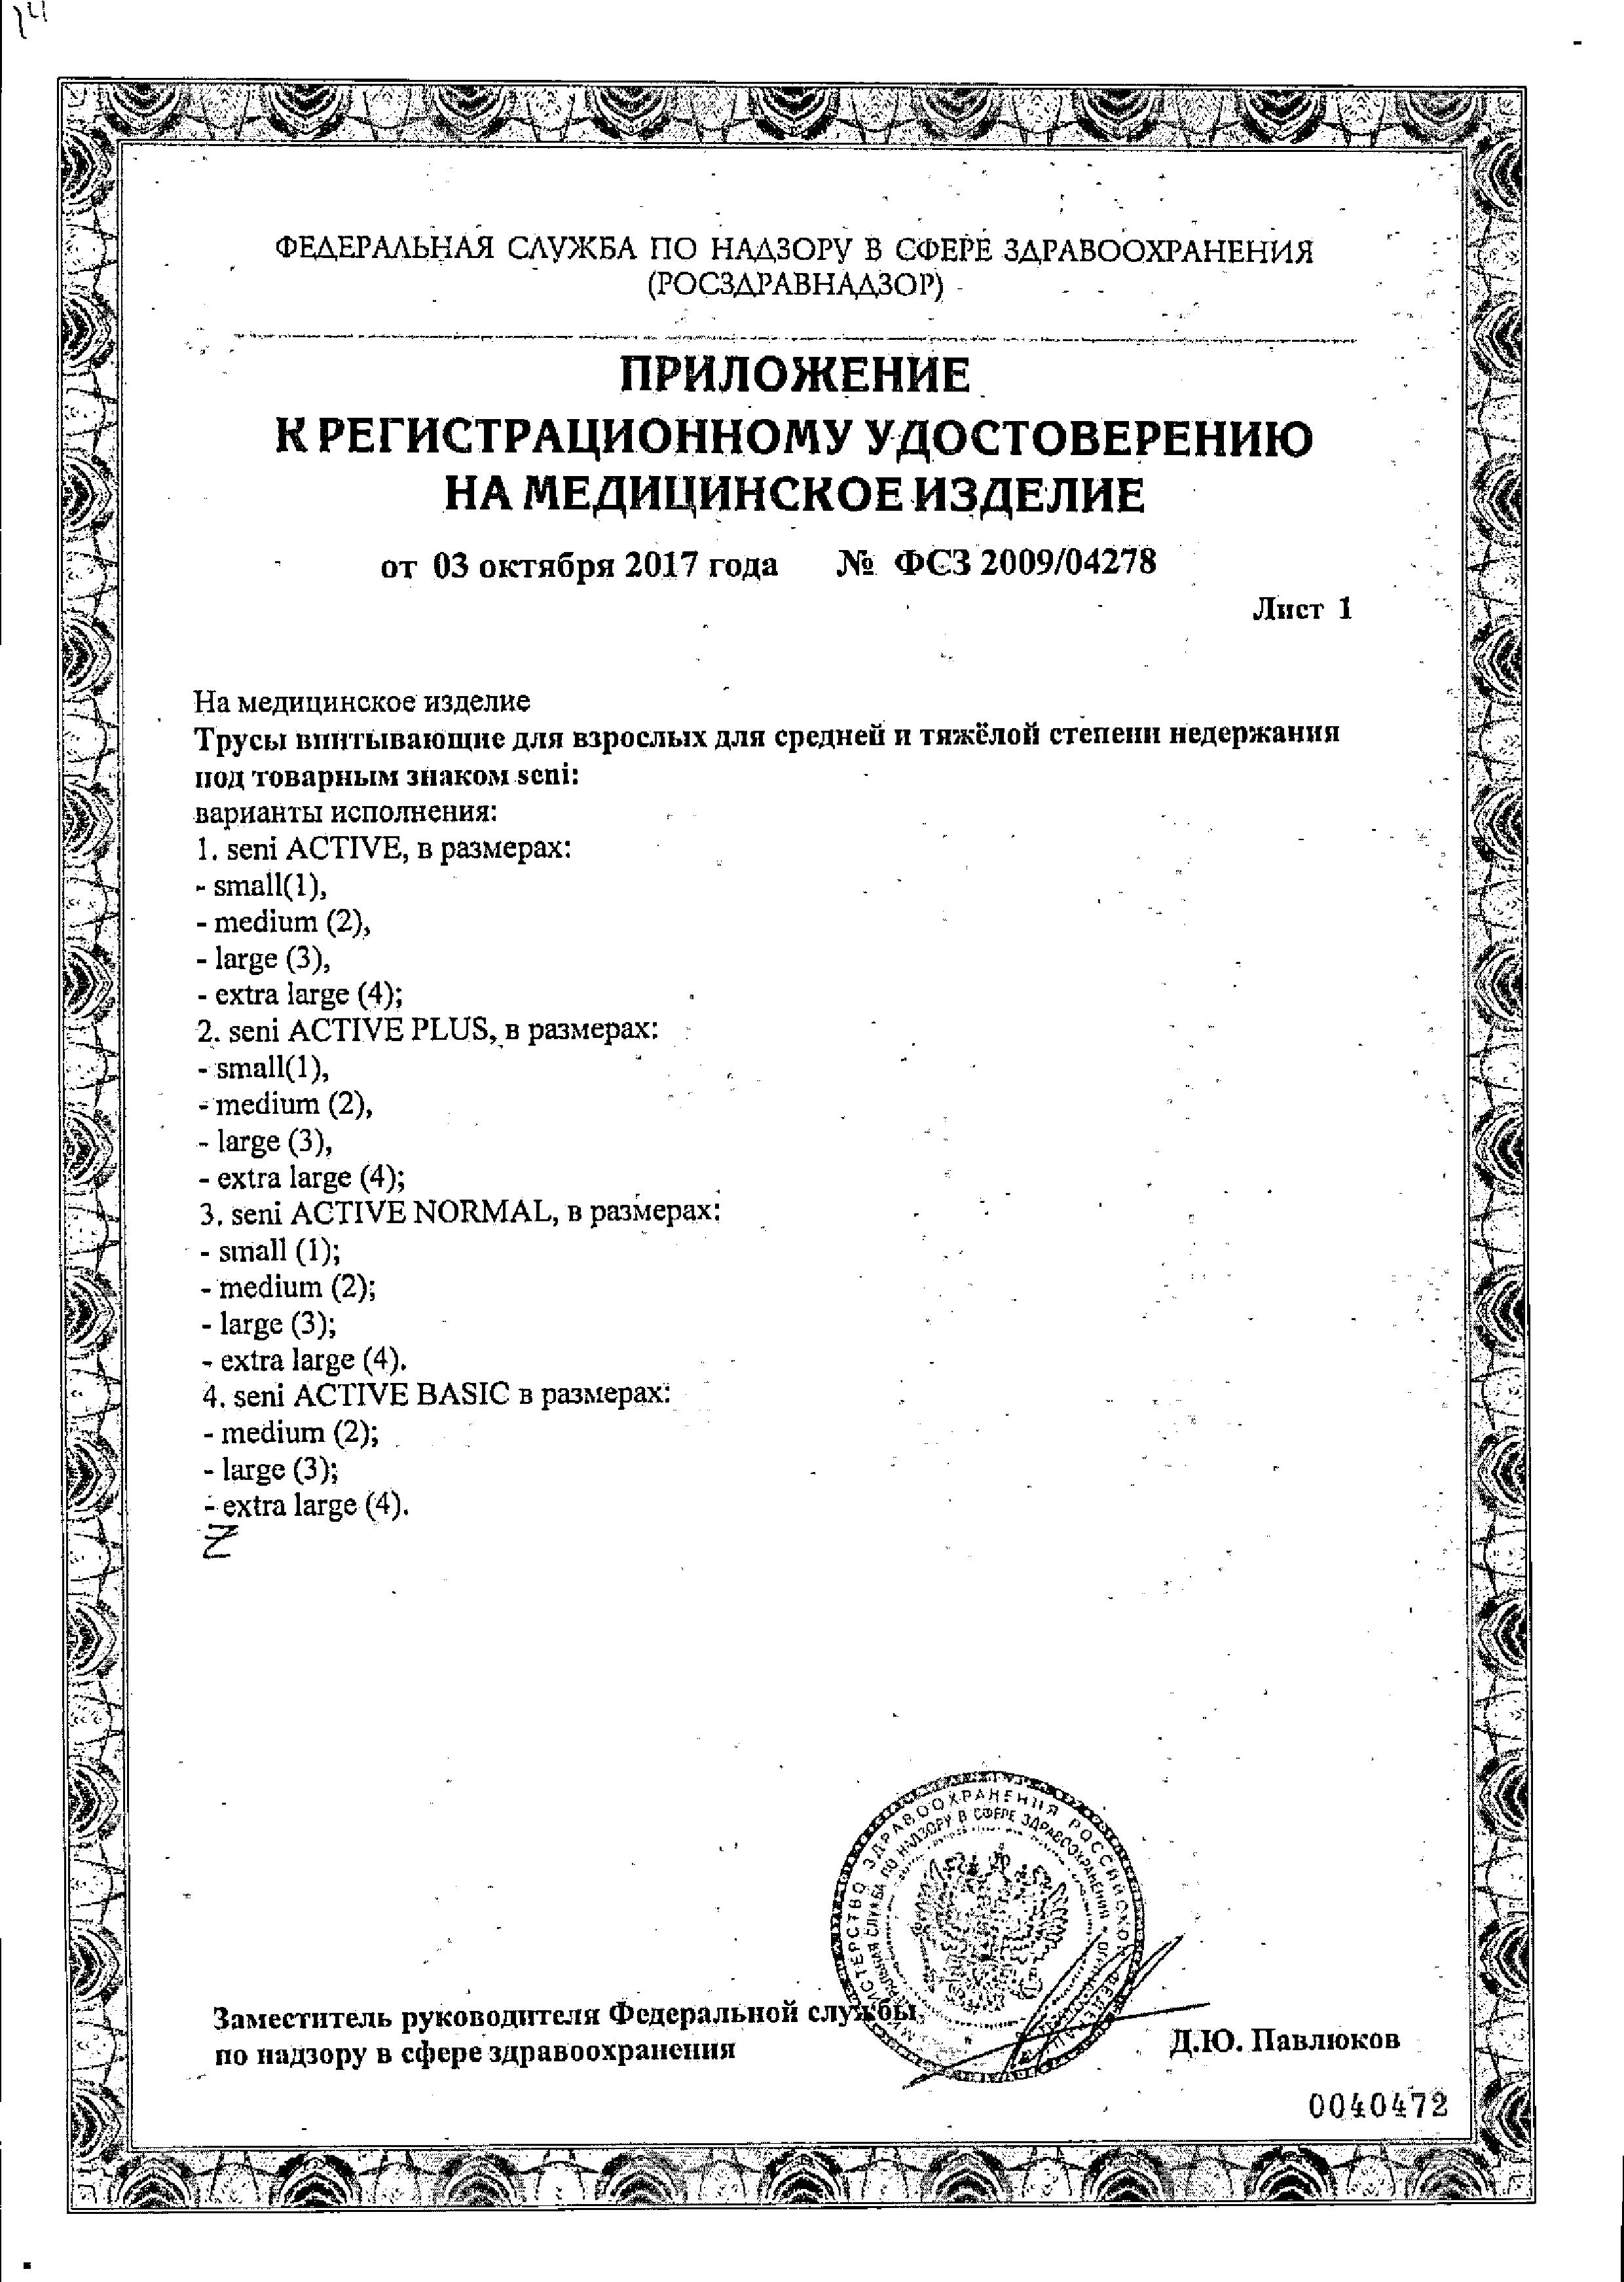 Подгузники-трусы Seni Active Normal сертификат